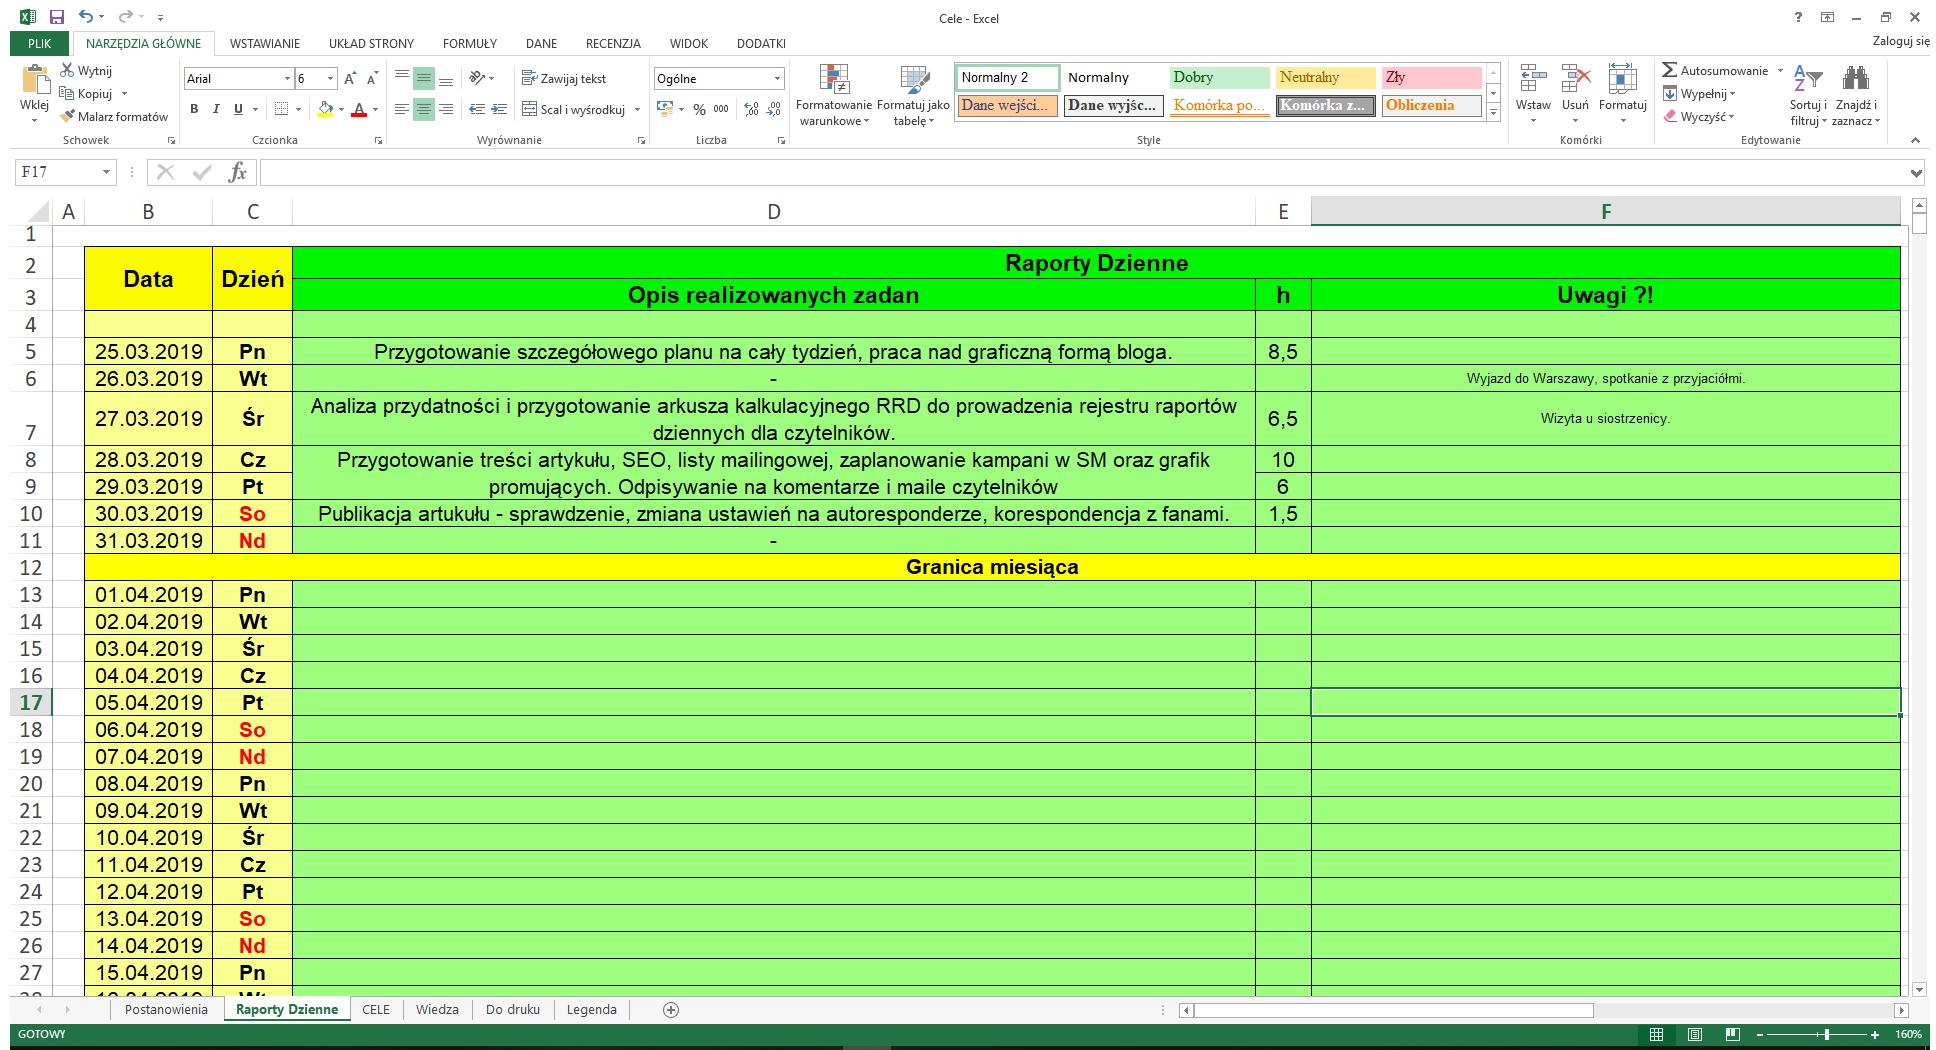 raporty dzienne, sporządzanie, raport w pracy, raportowanie zadań